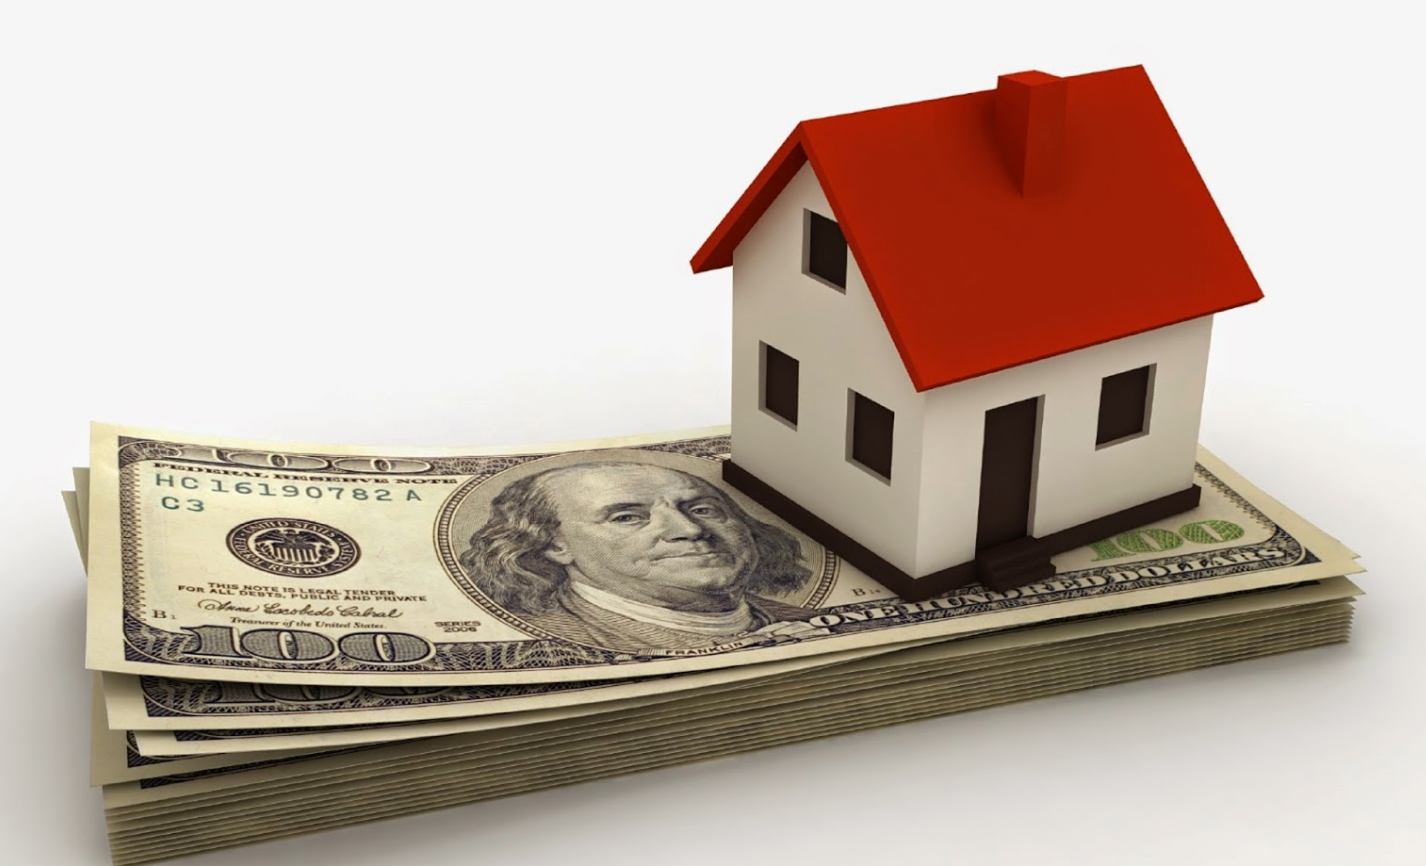 Để thuê nhà ở Gia Lâm phù hợp, trước tiên quý vị cần xác định rõ khoảng giá bao nhiêu mình có thể chi trả